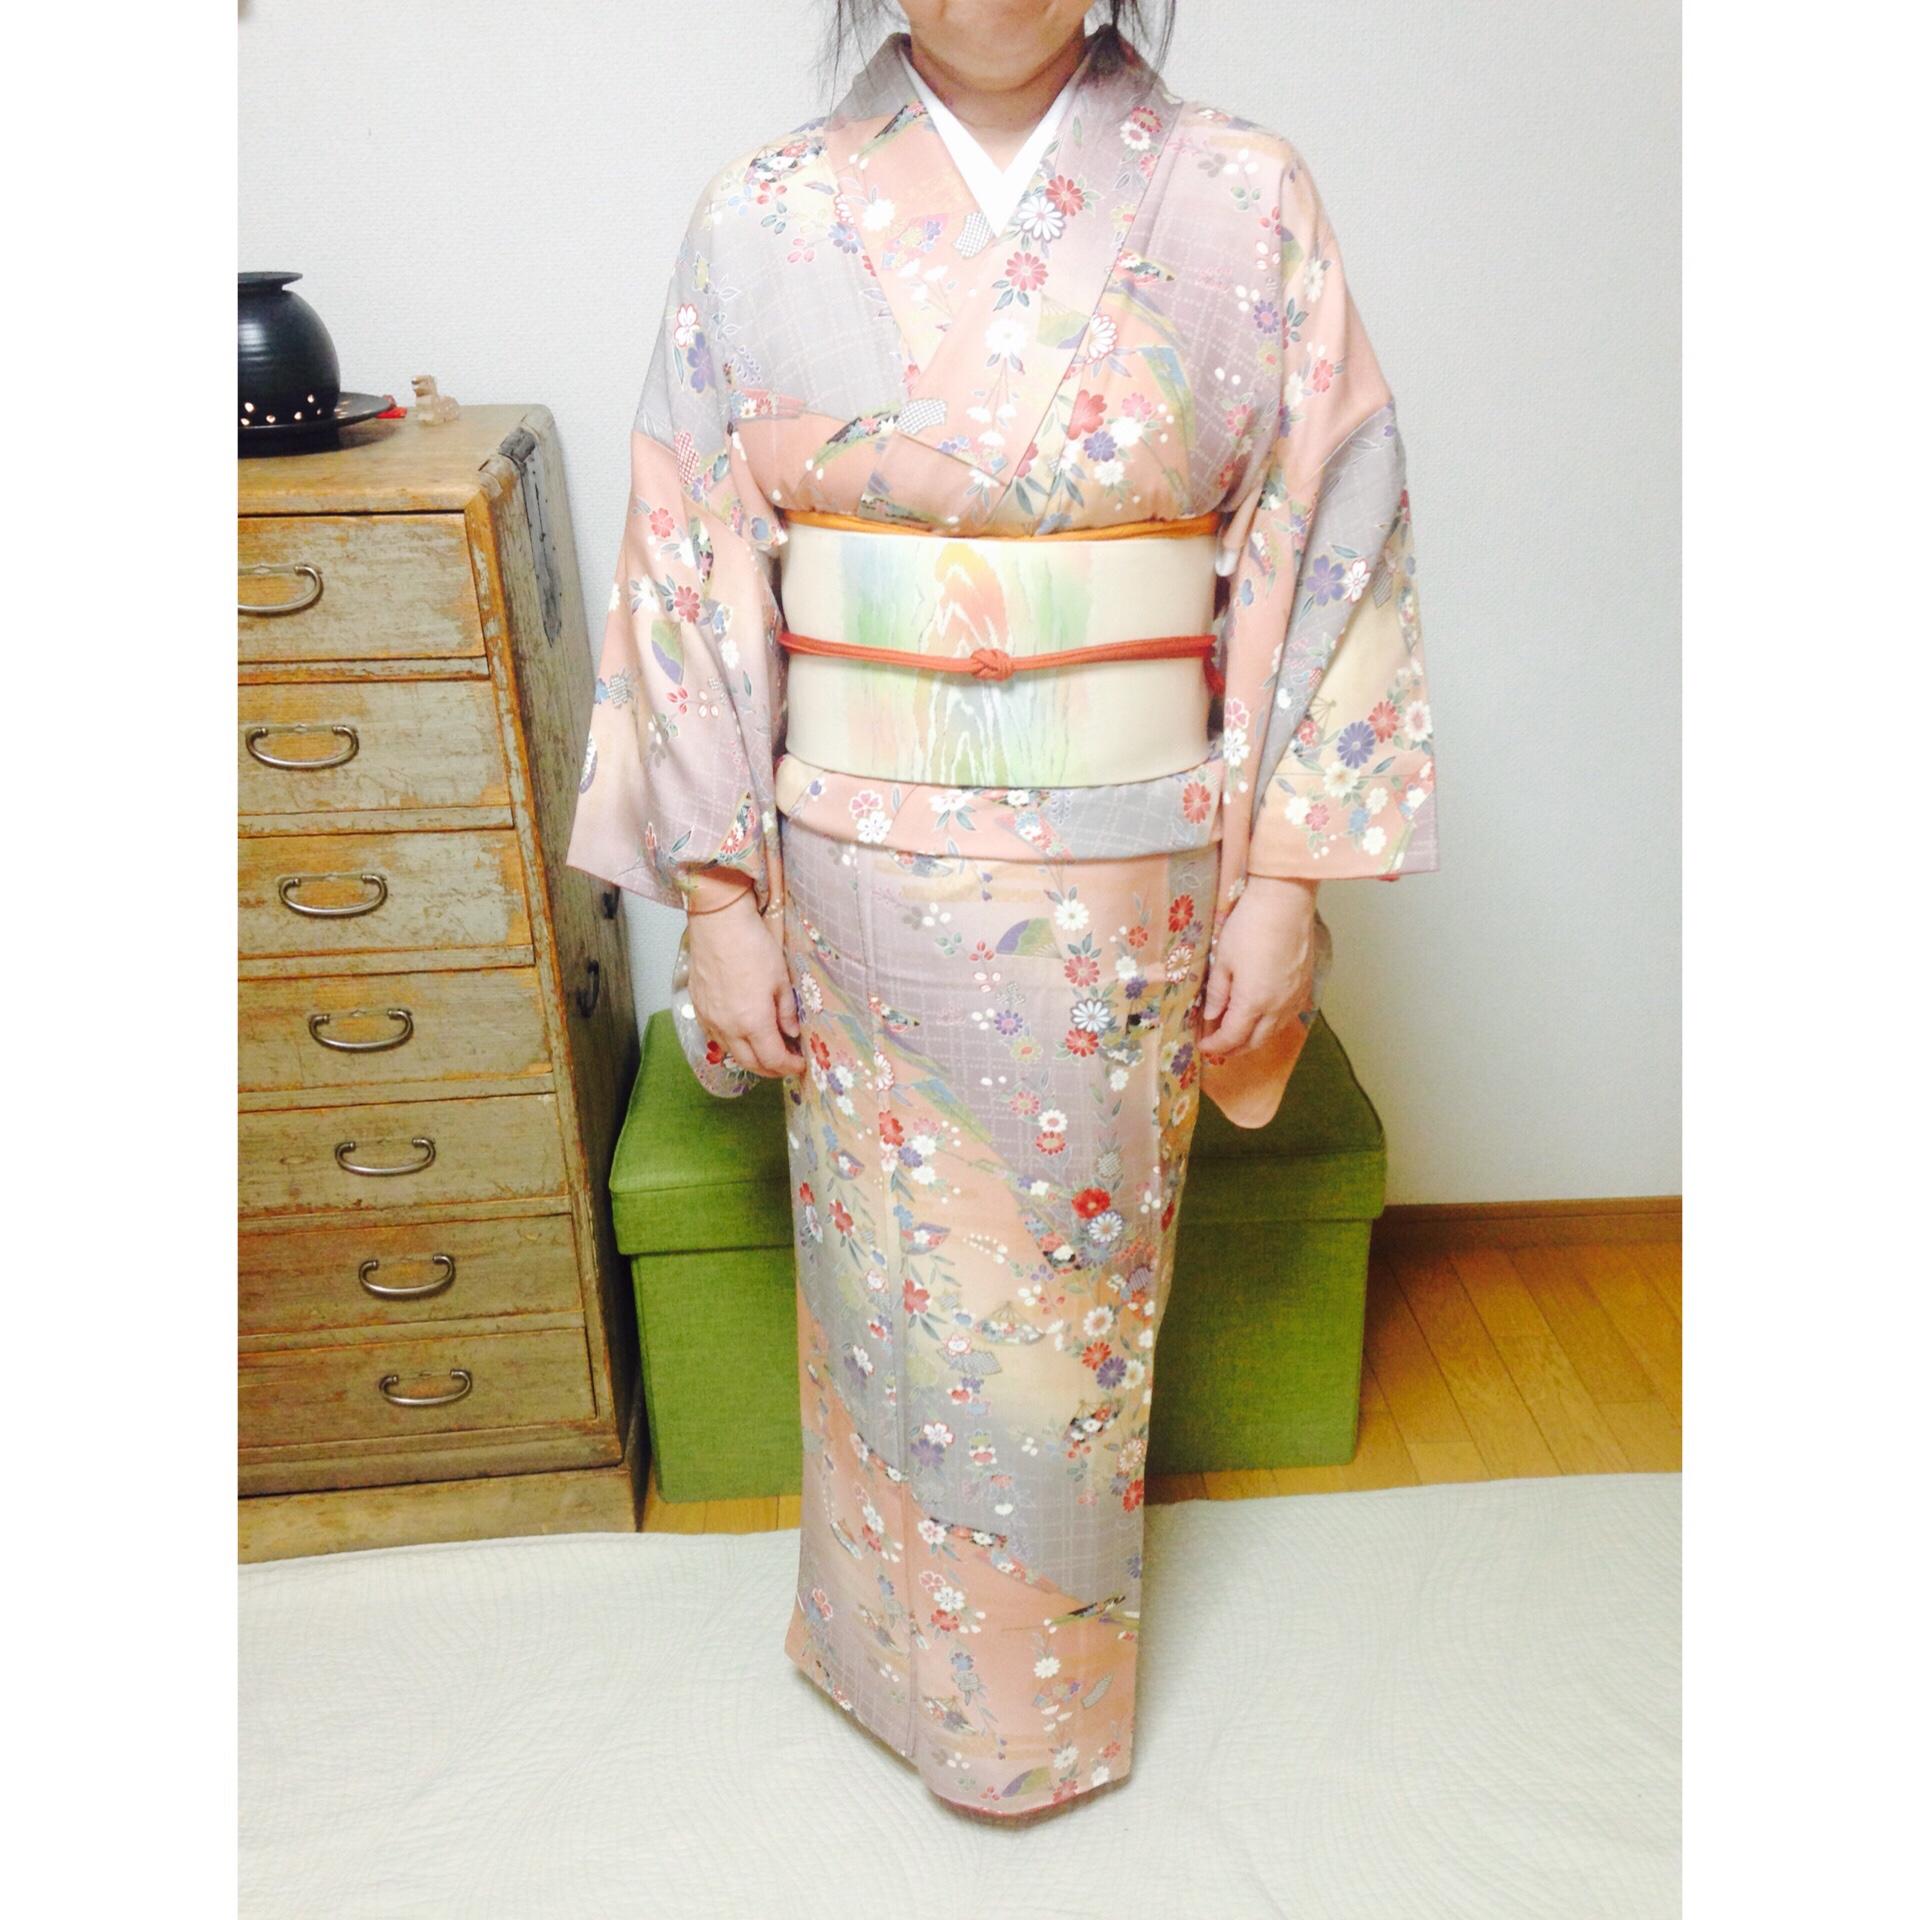 お正月に向けて自分の着付けと娘さんに着せ付けと【大阪京橋の着付け教室きものたまより】